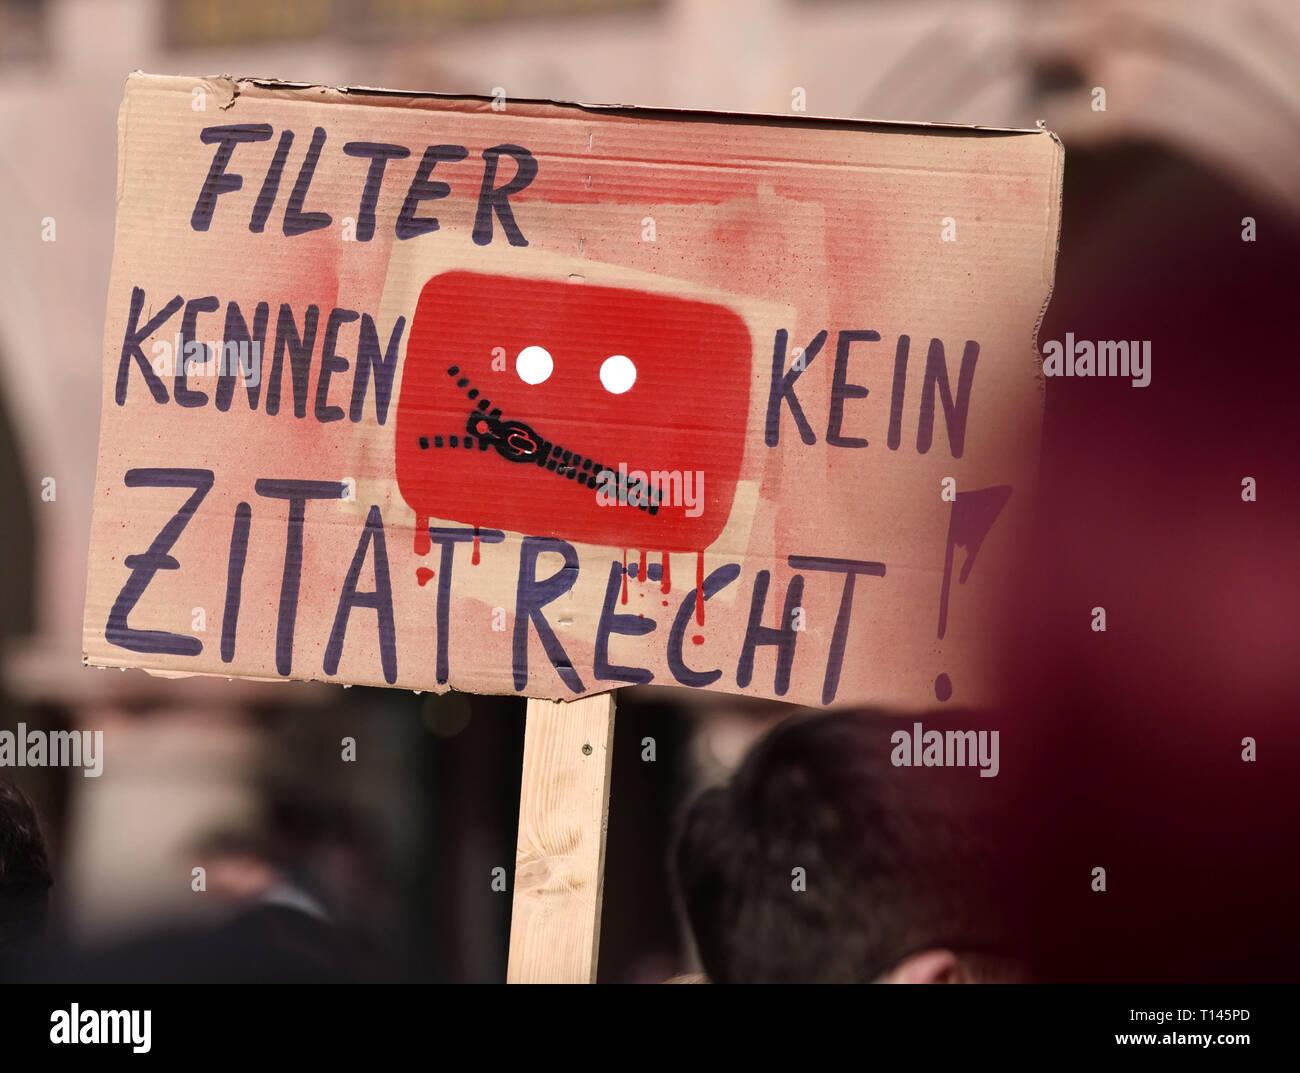 Leipzig, Alemania. 23 Mar, 2019. Con carteles y pancartas, Leipziger tomar parte en la manifestación en toda Europa 'Save Internet' contra cargar filtros en la ocasión de la UE prevista reforma del copyright. Crédito: Peter Endig/dpa/Alamy Live News Foto de stock